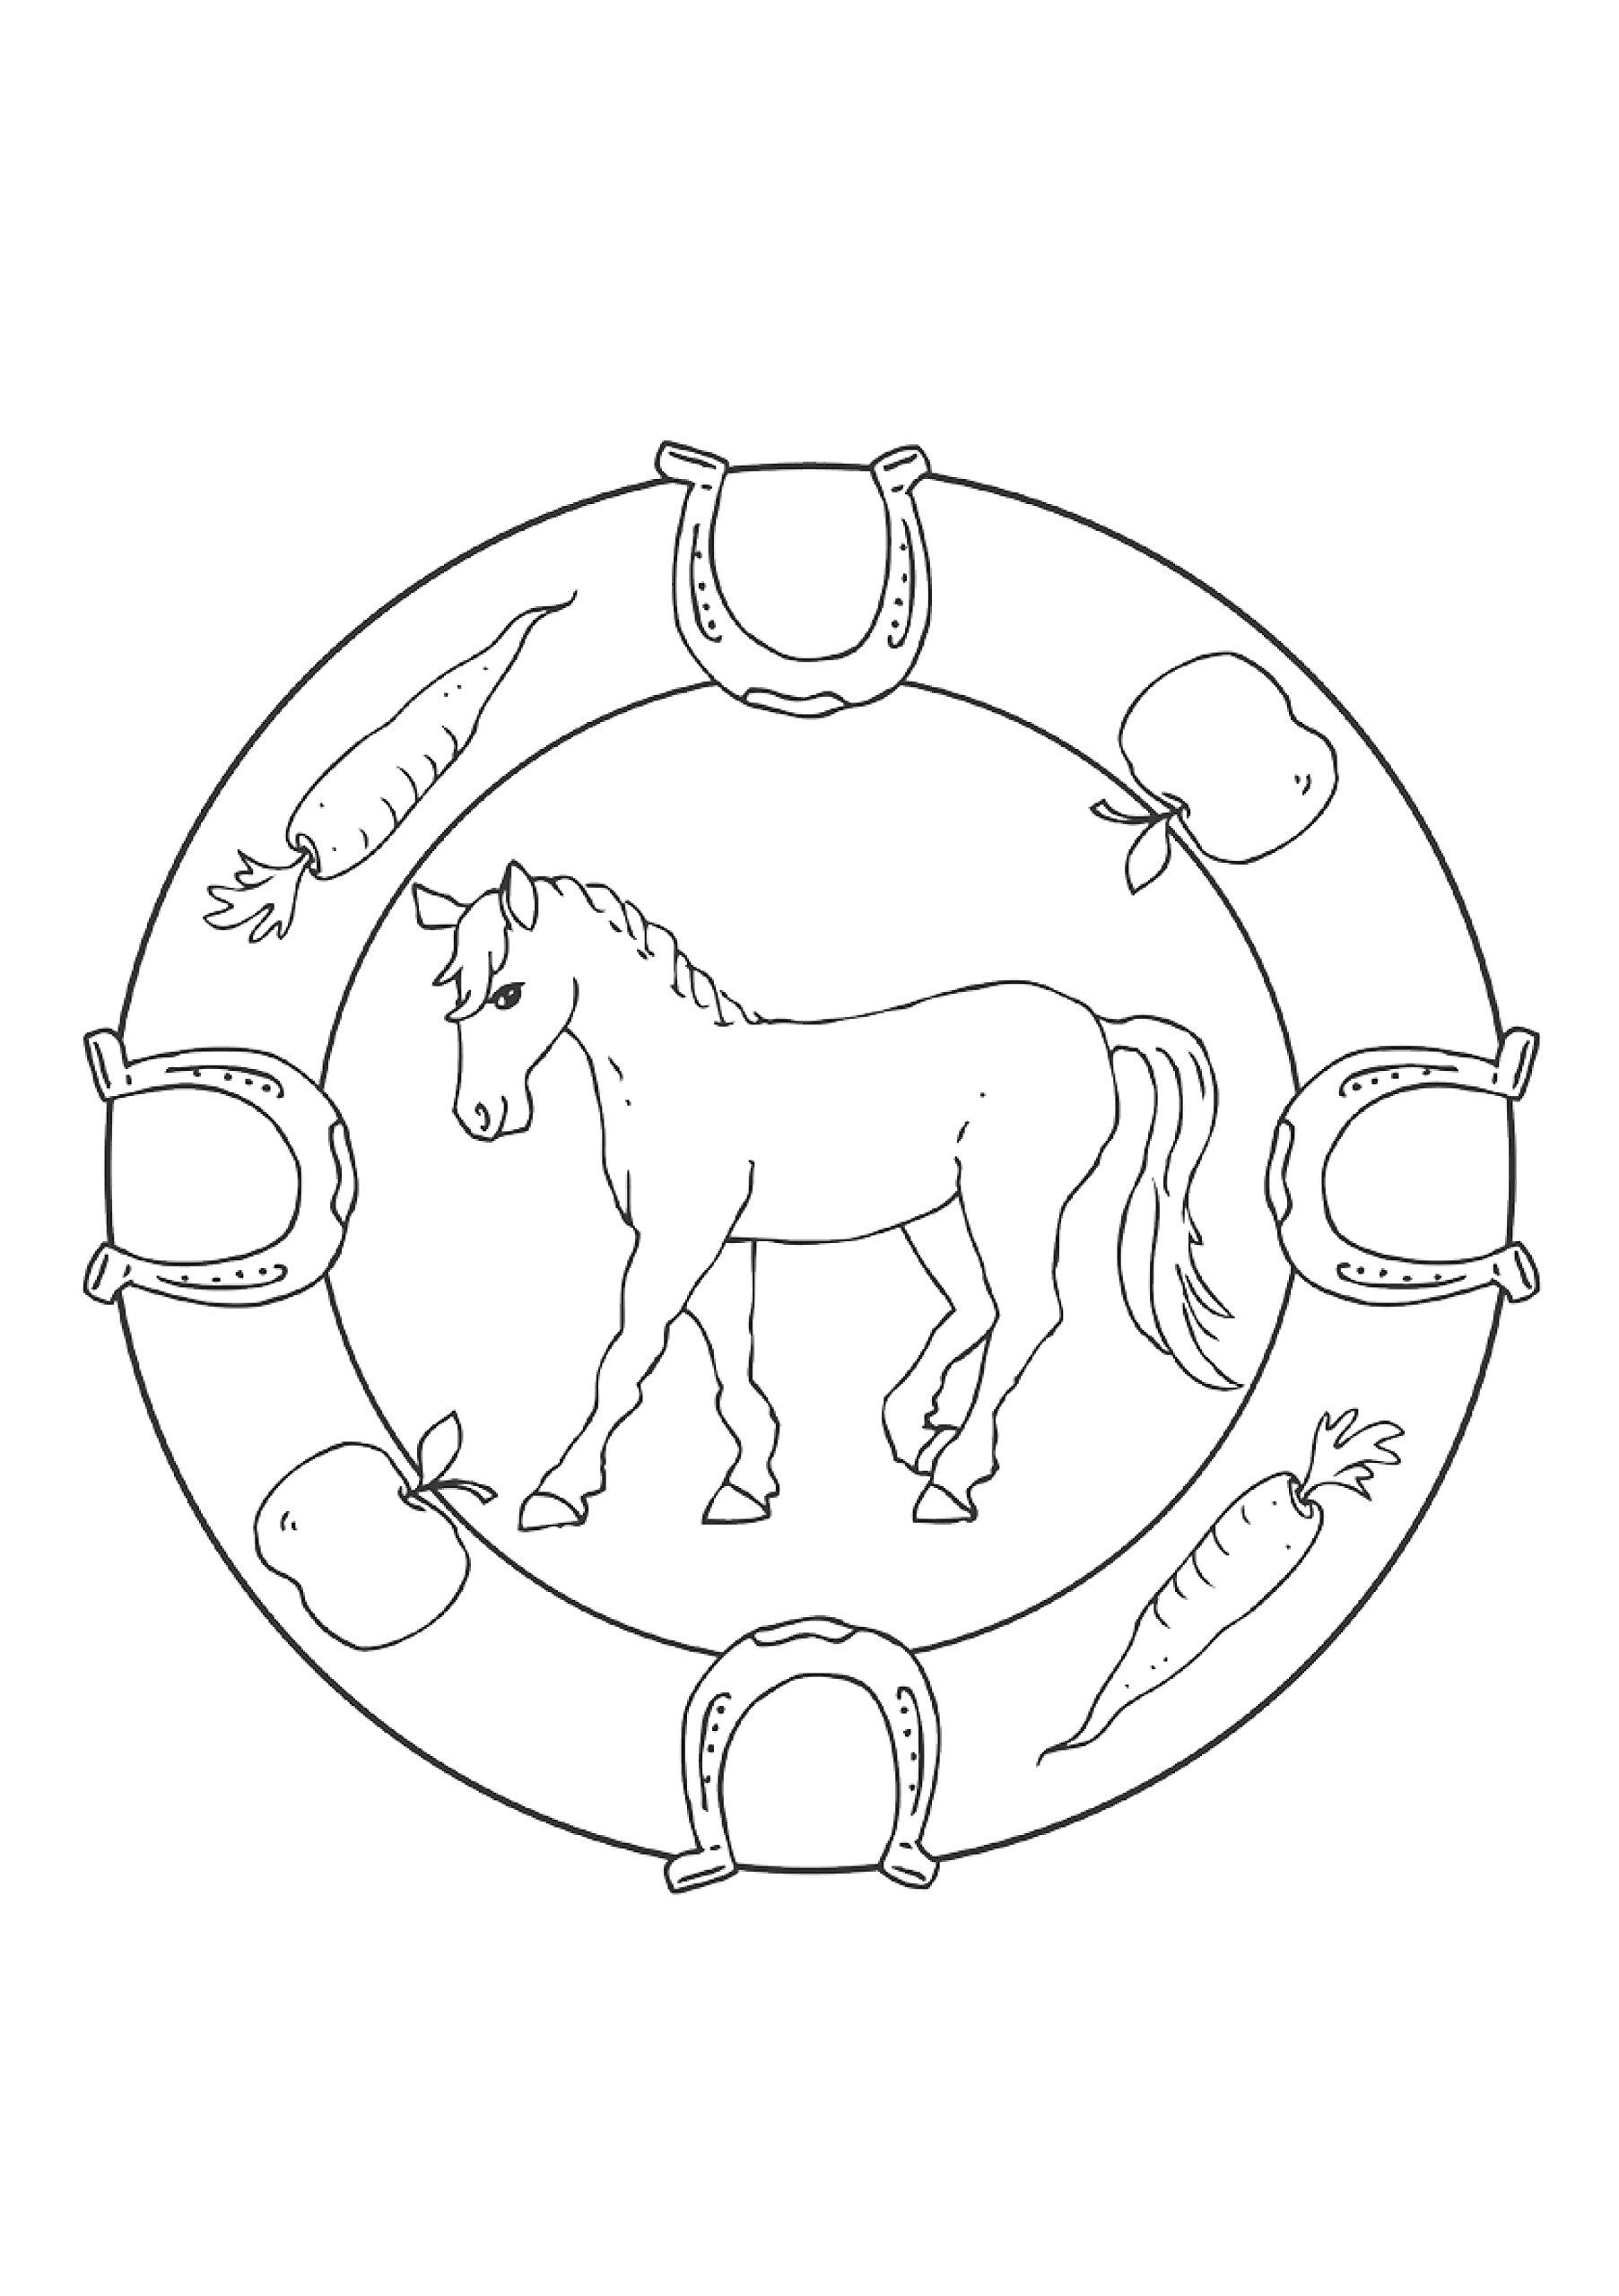 Nett Meine Kleine Pony Malvorlagen Seltenheit Bilder - Beispiel ...